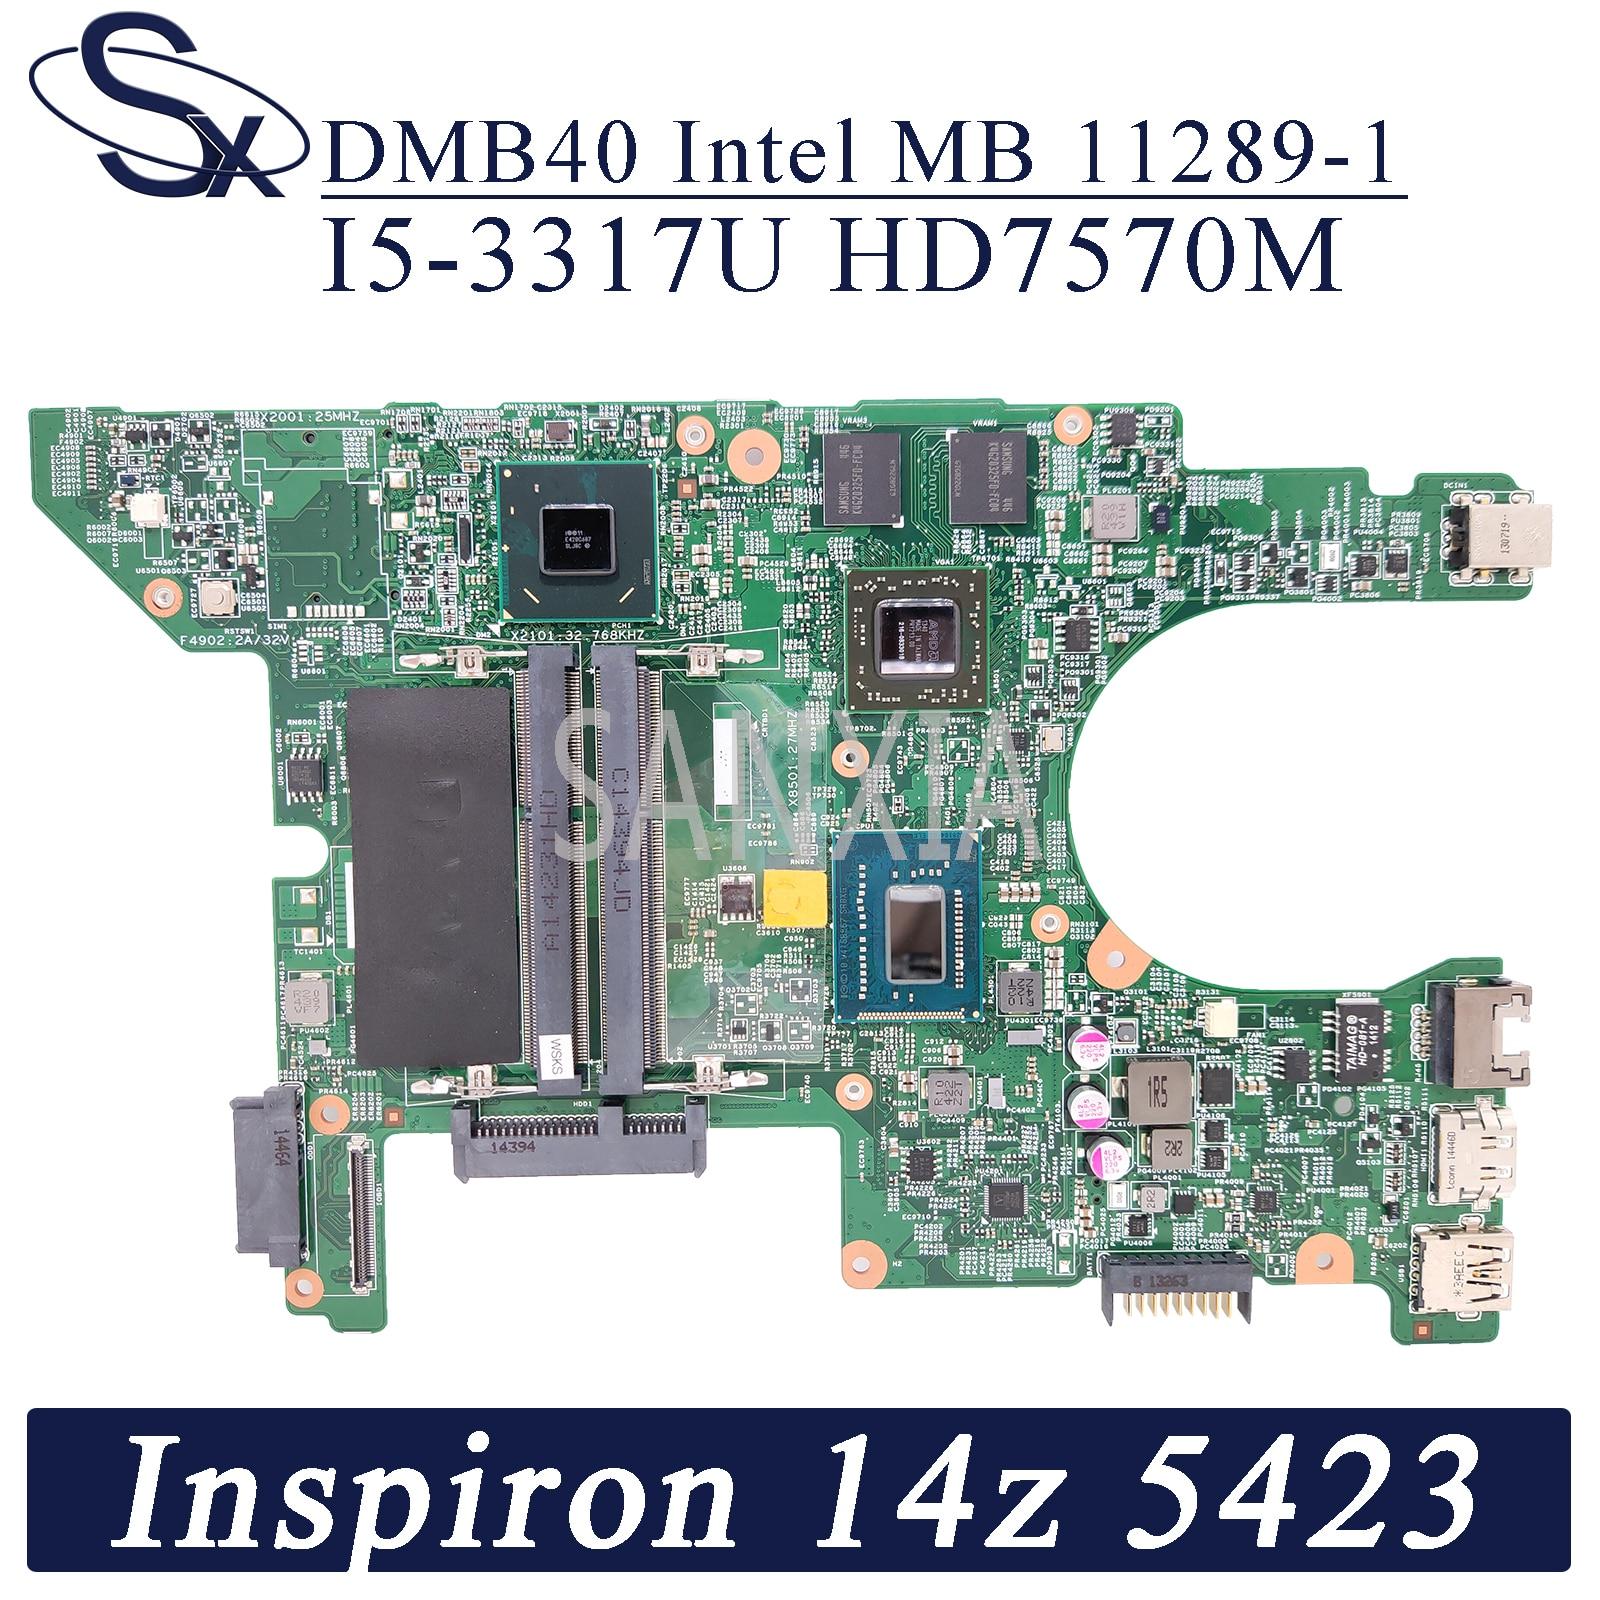 Материнская плата KEFU для ноутбука Dell Inspiron 14z 11289, оригинальная материнская плата 5423/3317U AMD HD7570M,-1